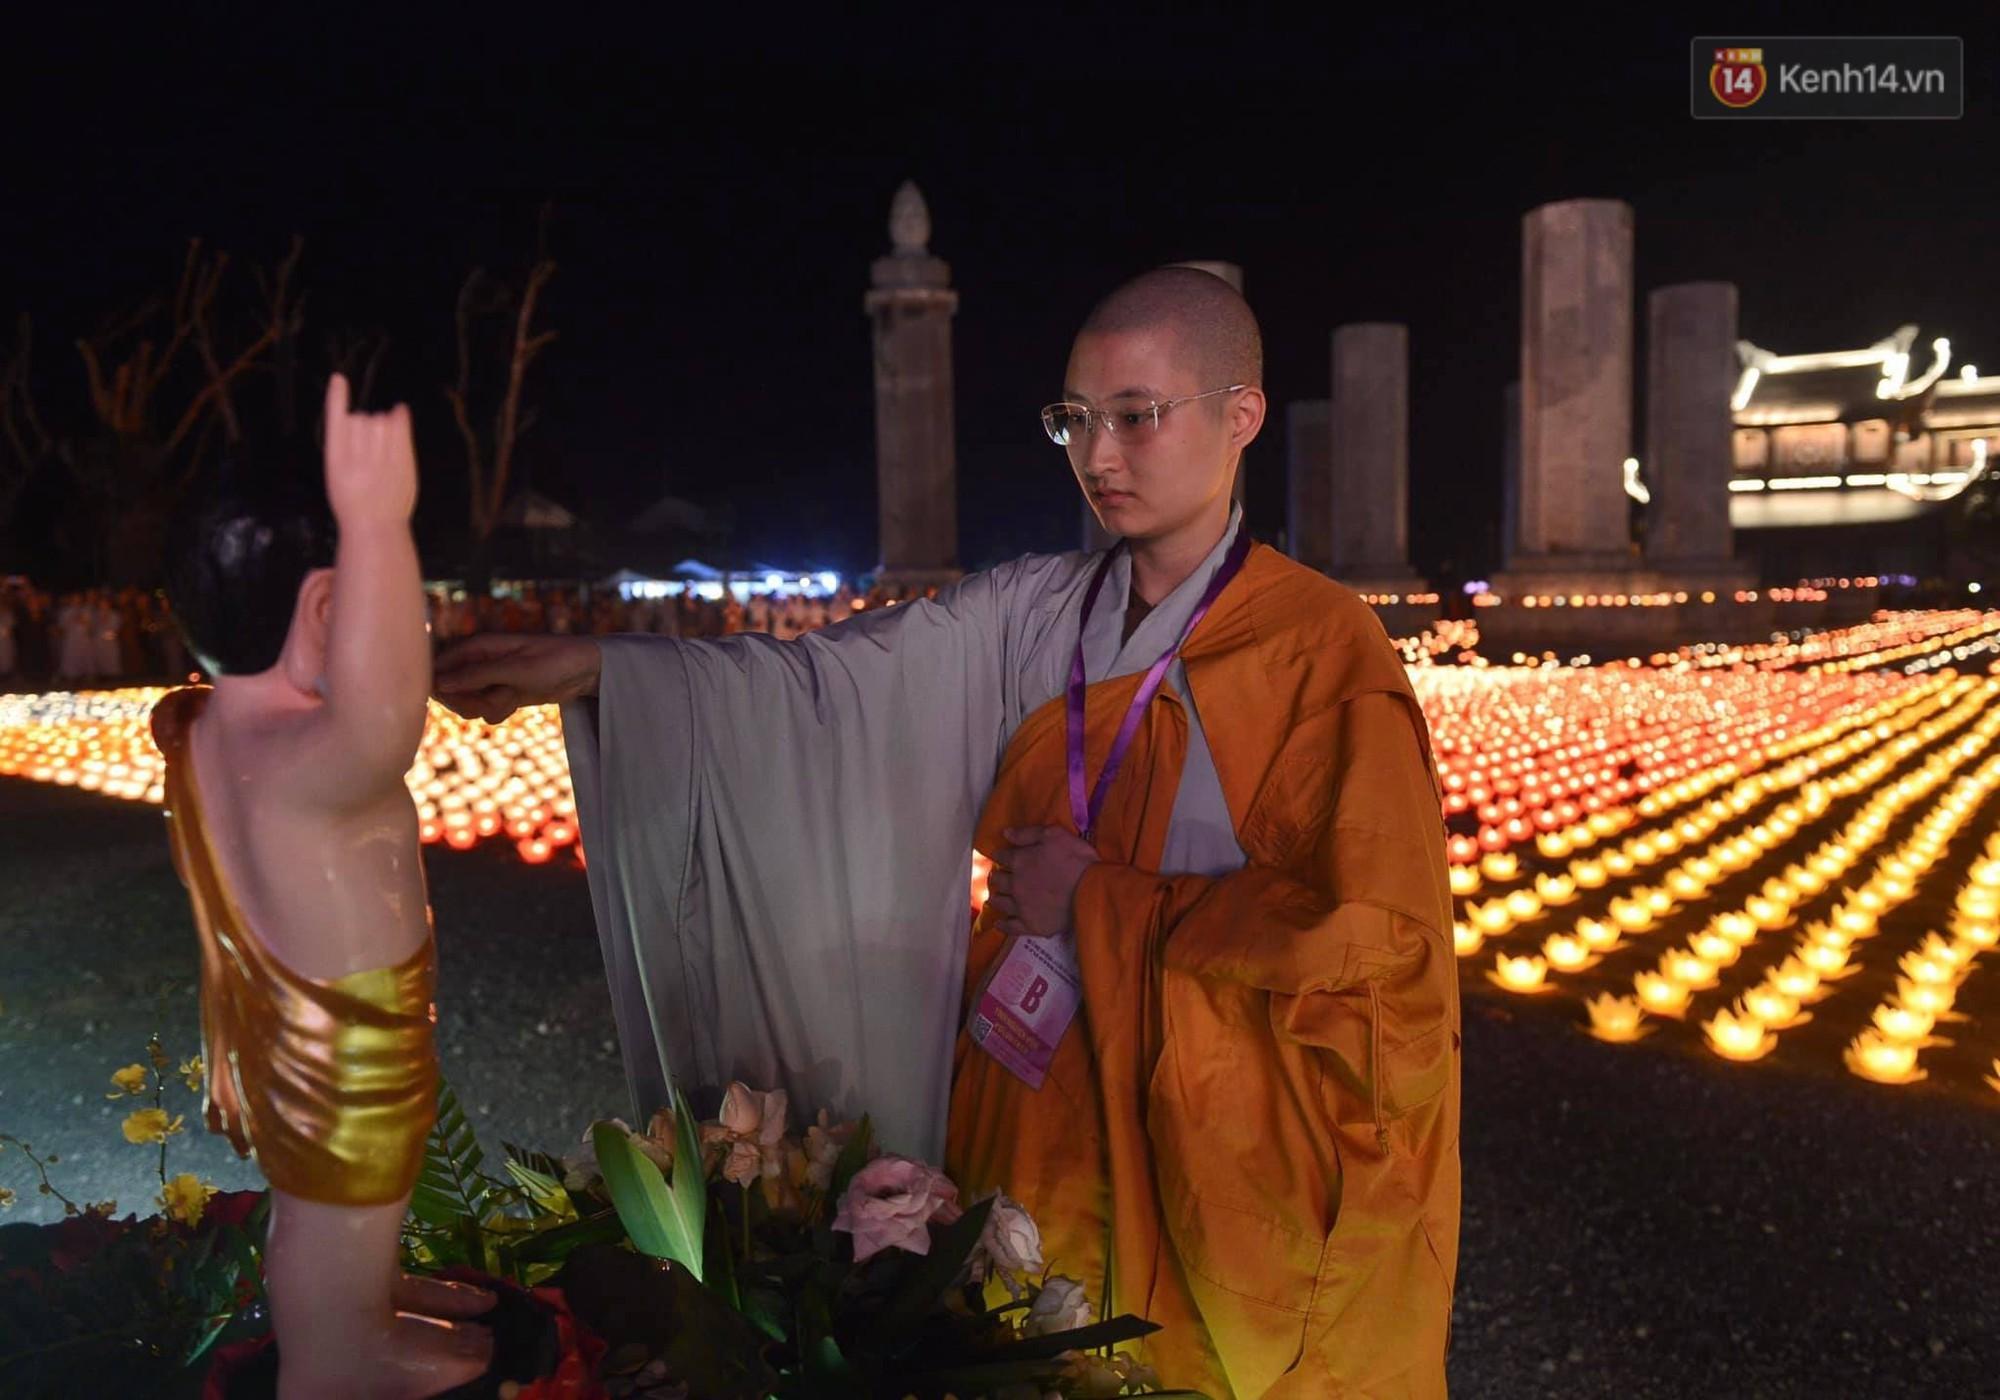 Hàng vạn người tham gia buổi lễ cầu nguyện hoà bình và hoa đăng tại chùa Tam Chúc - Ảnh 14.